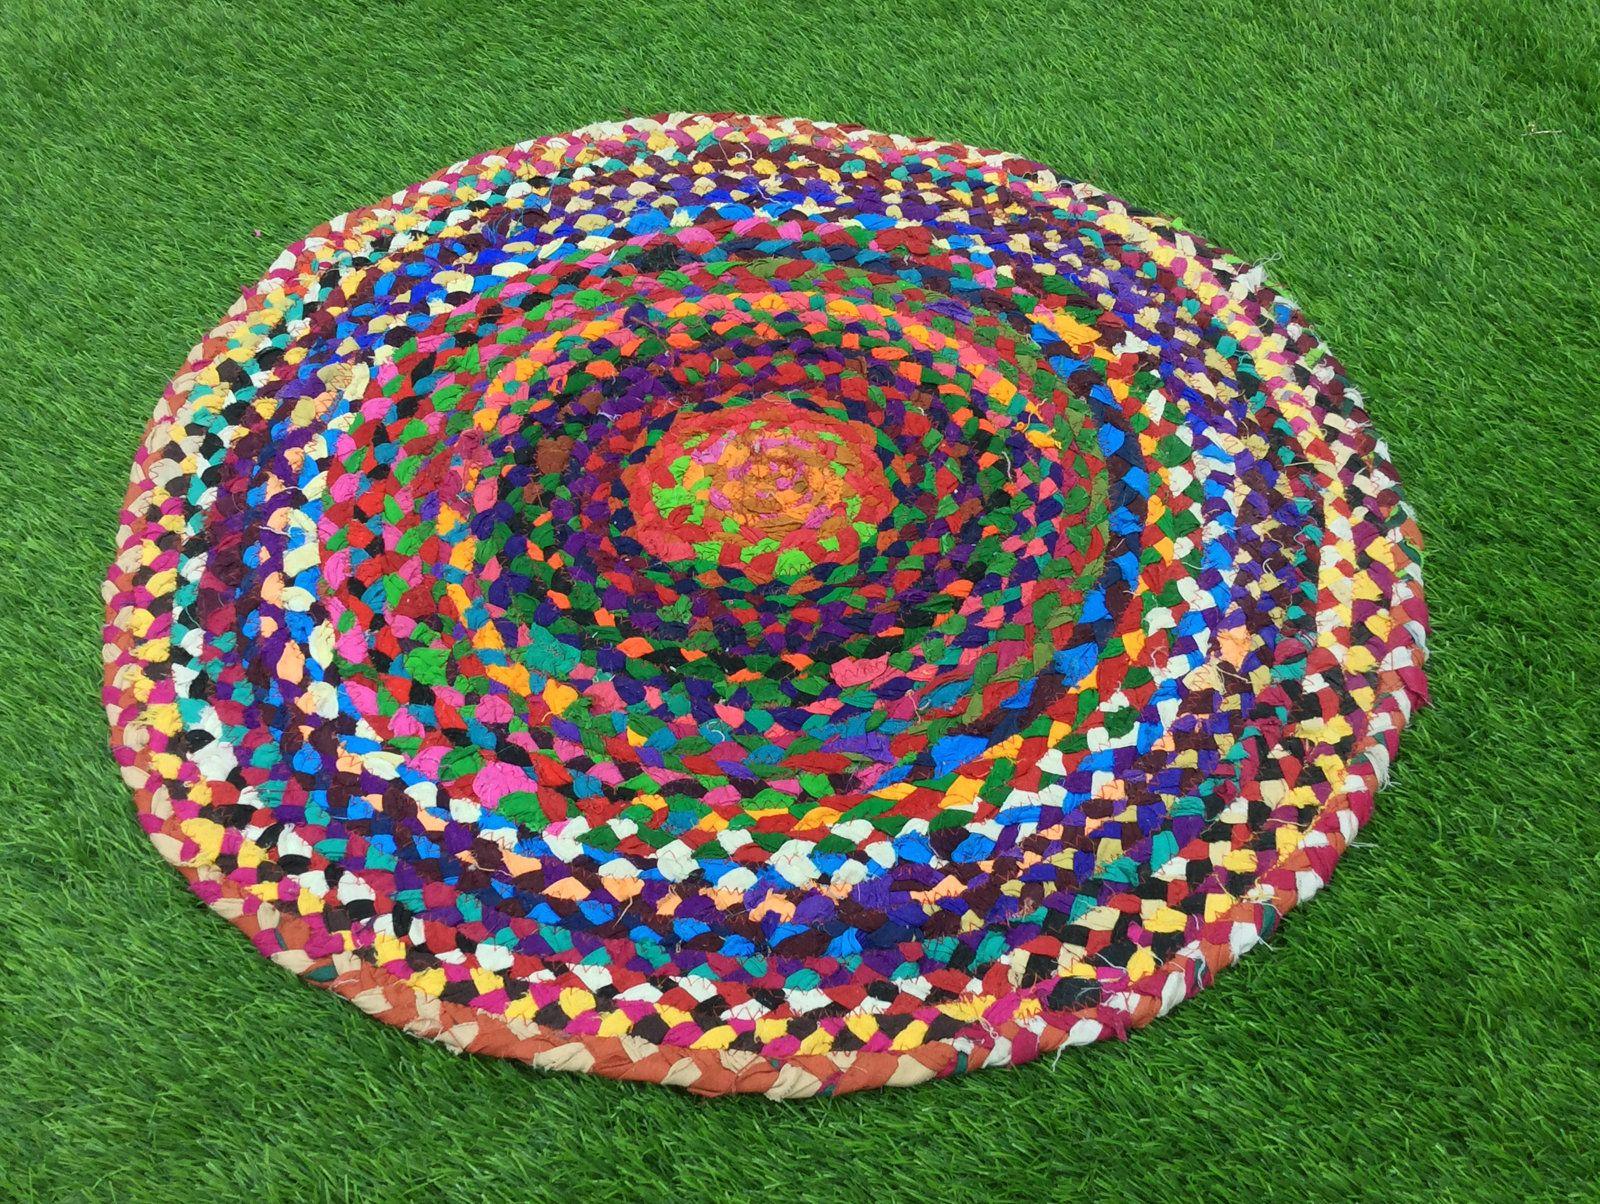 2x2 Ft Handmade Rug Multi Jute Rug Round Rug Door Mat Home Rug Decorative Rug Area Rug Floor Rug Carpet Runner Crochet Rag R Jute Rug Floor Rugs Rugs On Carpet